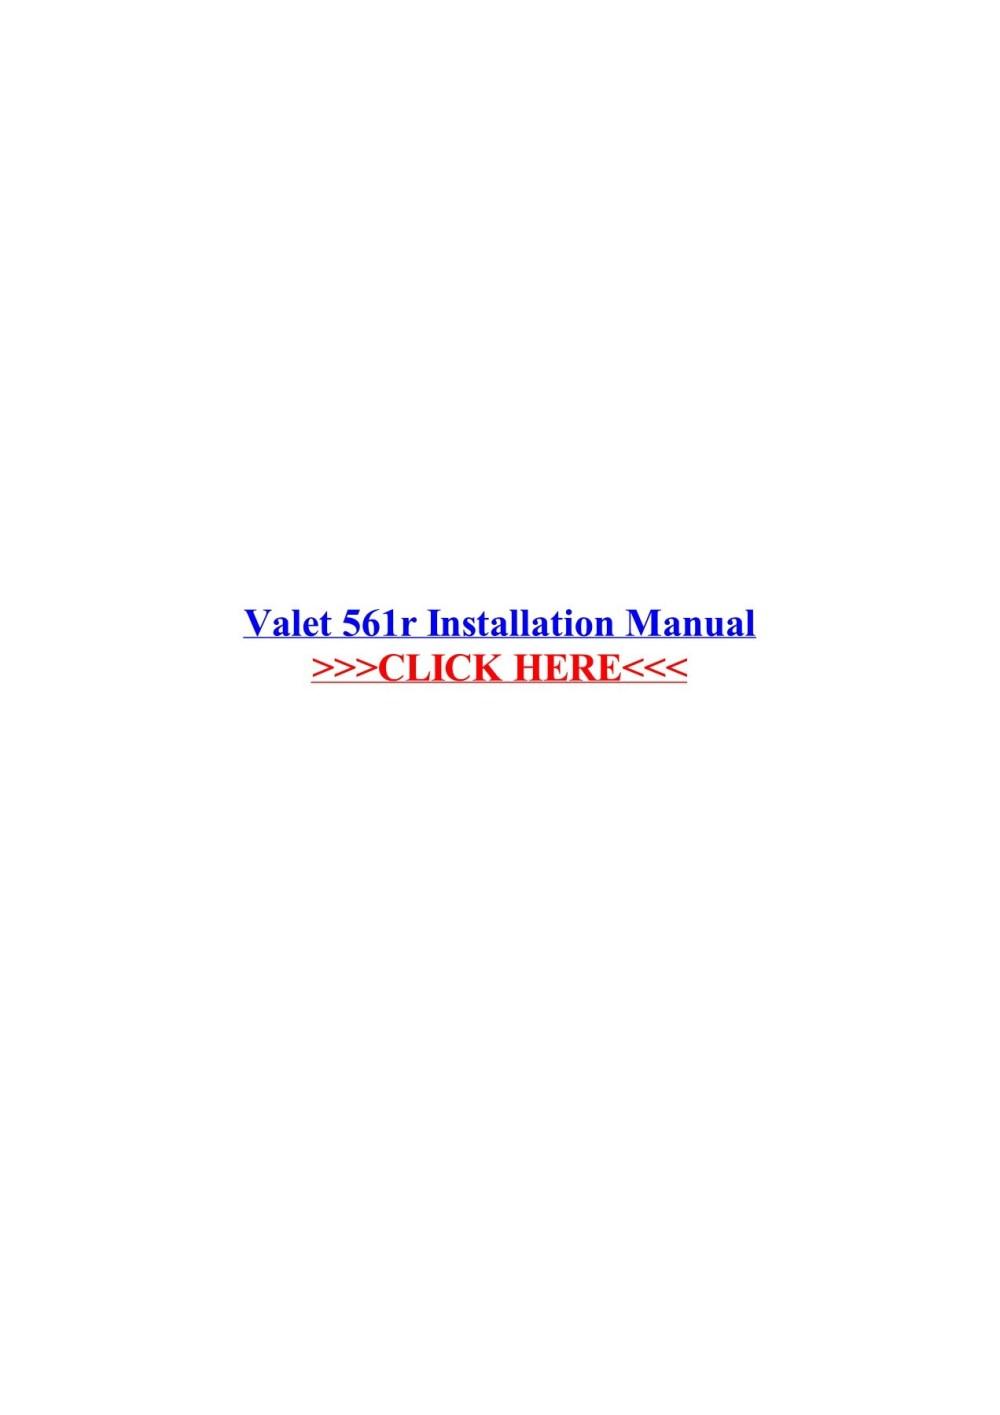 medium resolution of valet 561r installation manual wordpress com